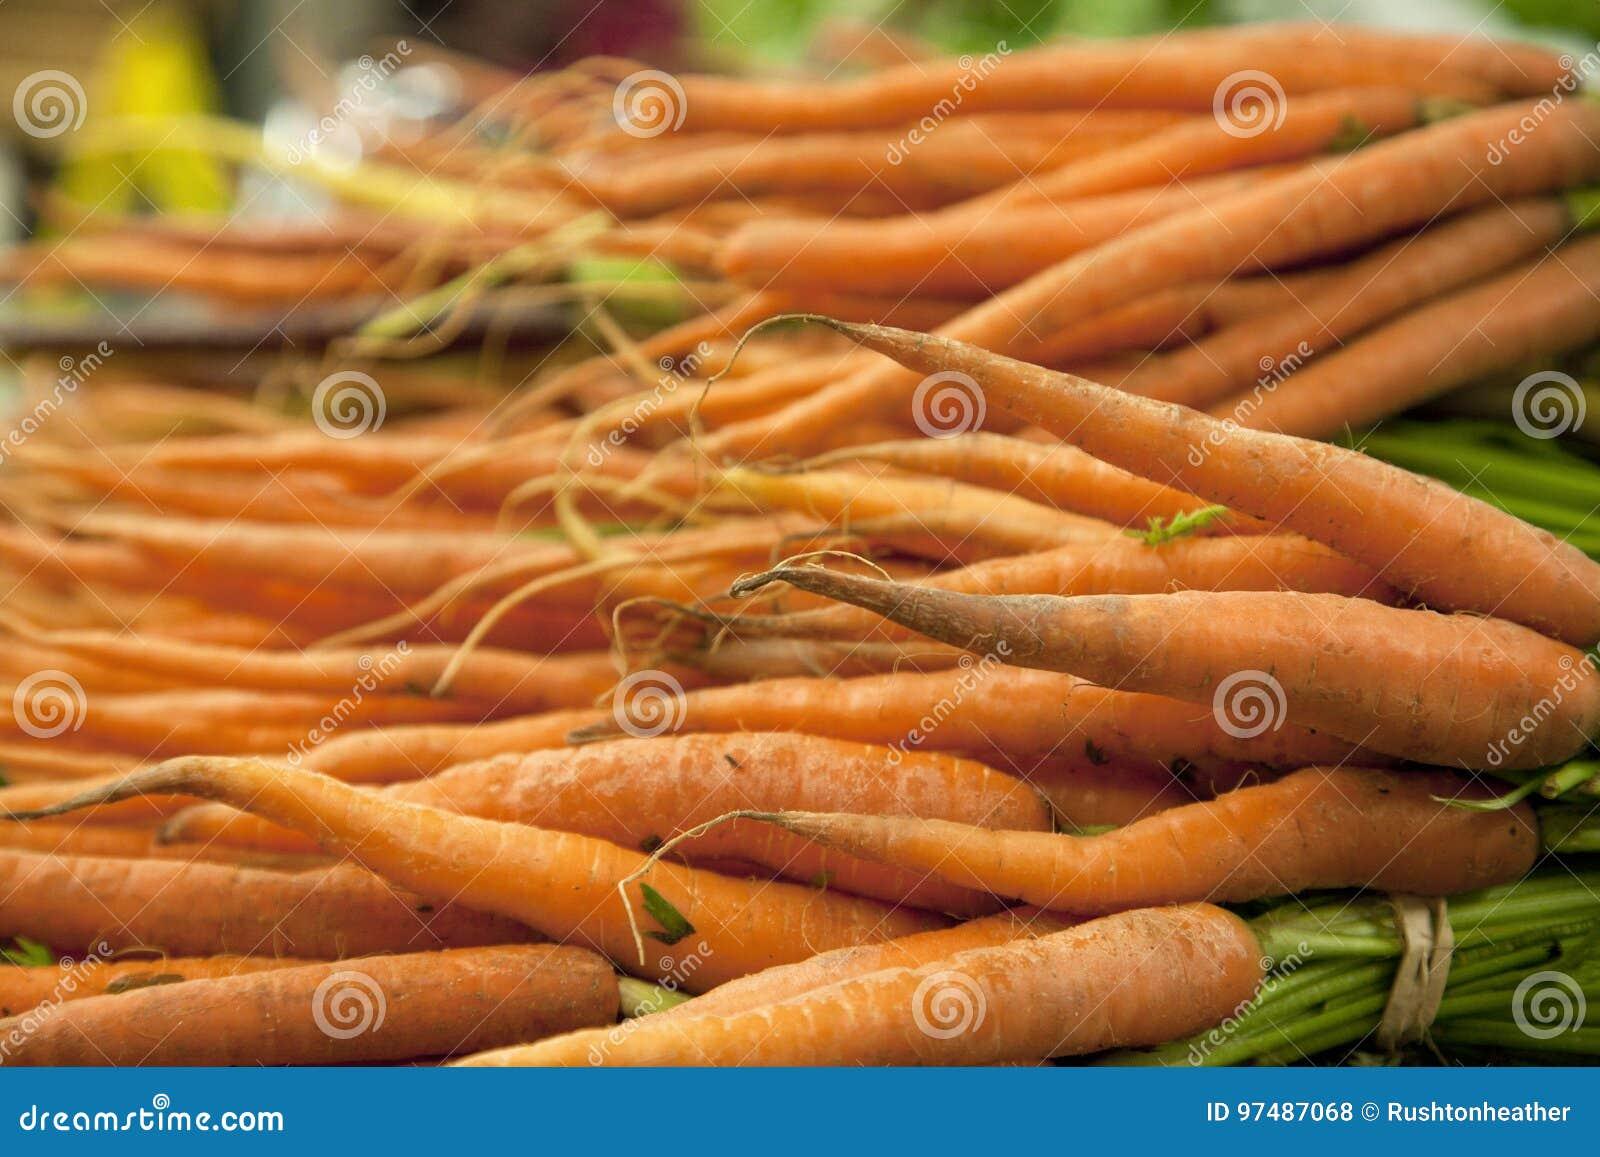 Mazzi di carote arancio